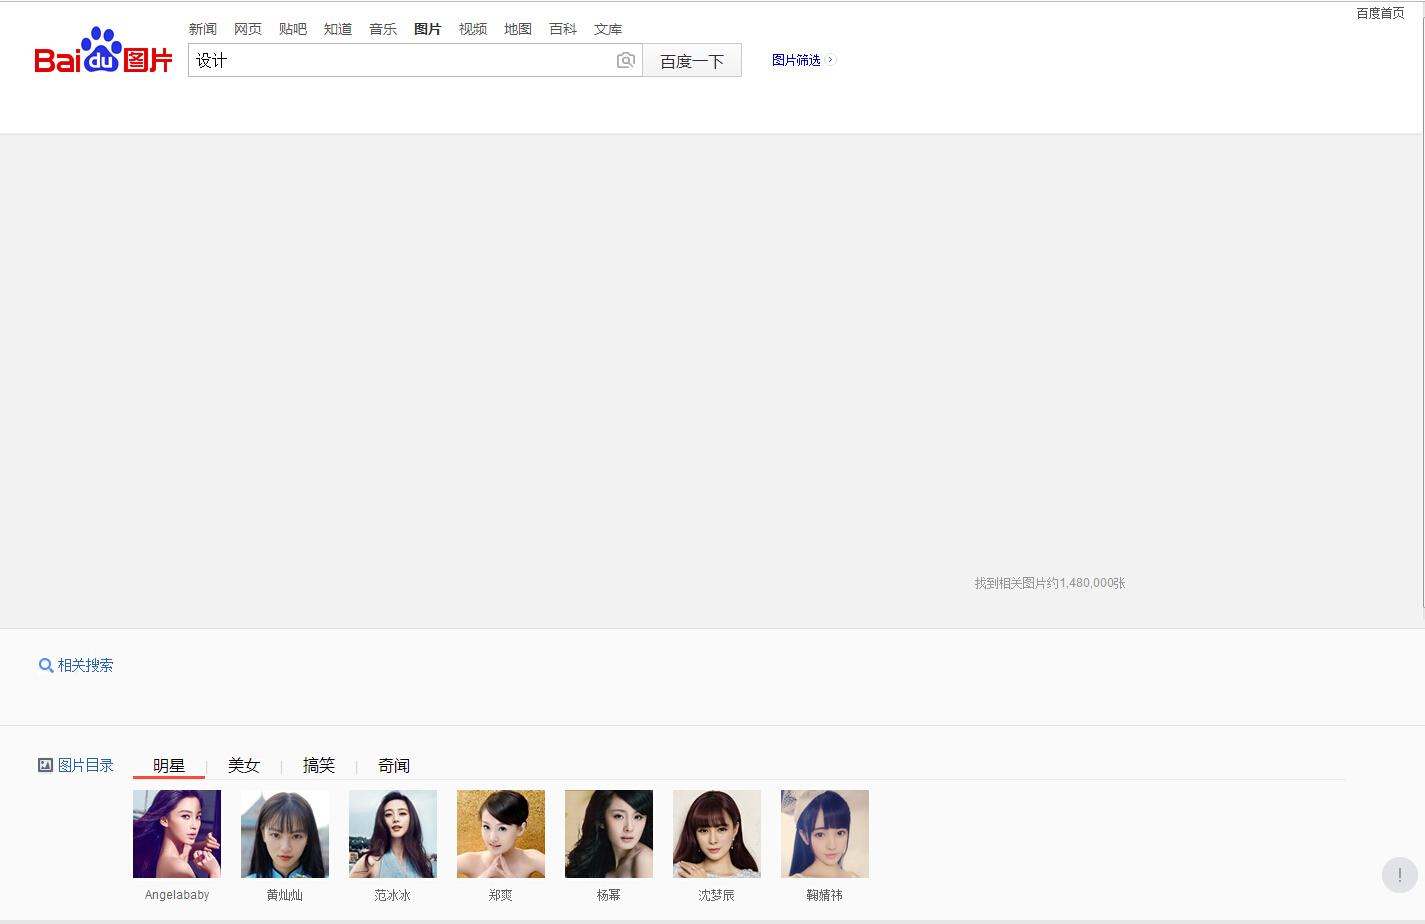 百度图片网页页面搜索结果空白?为什么?图片